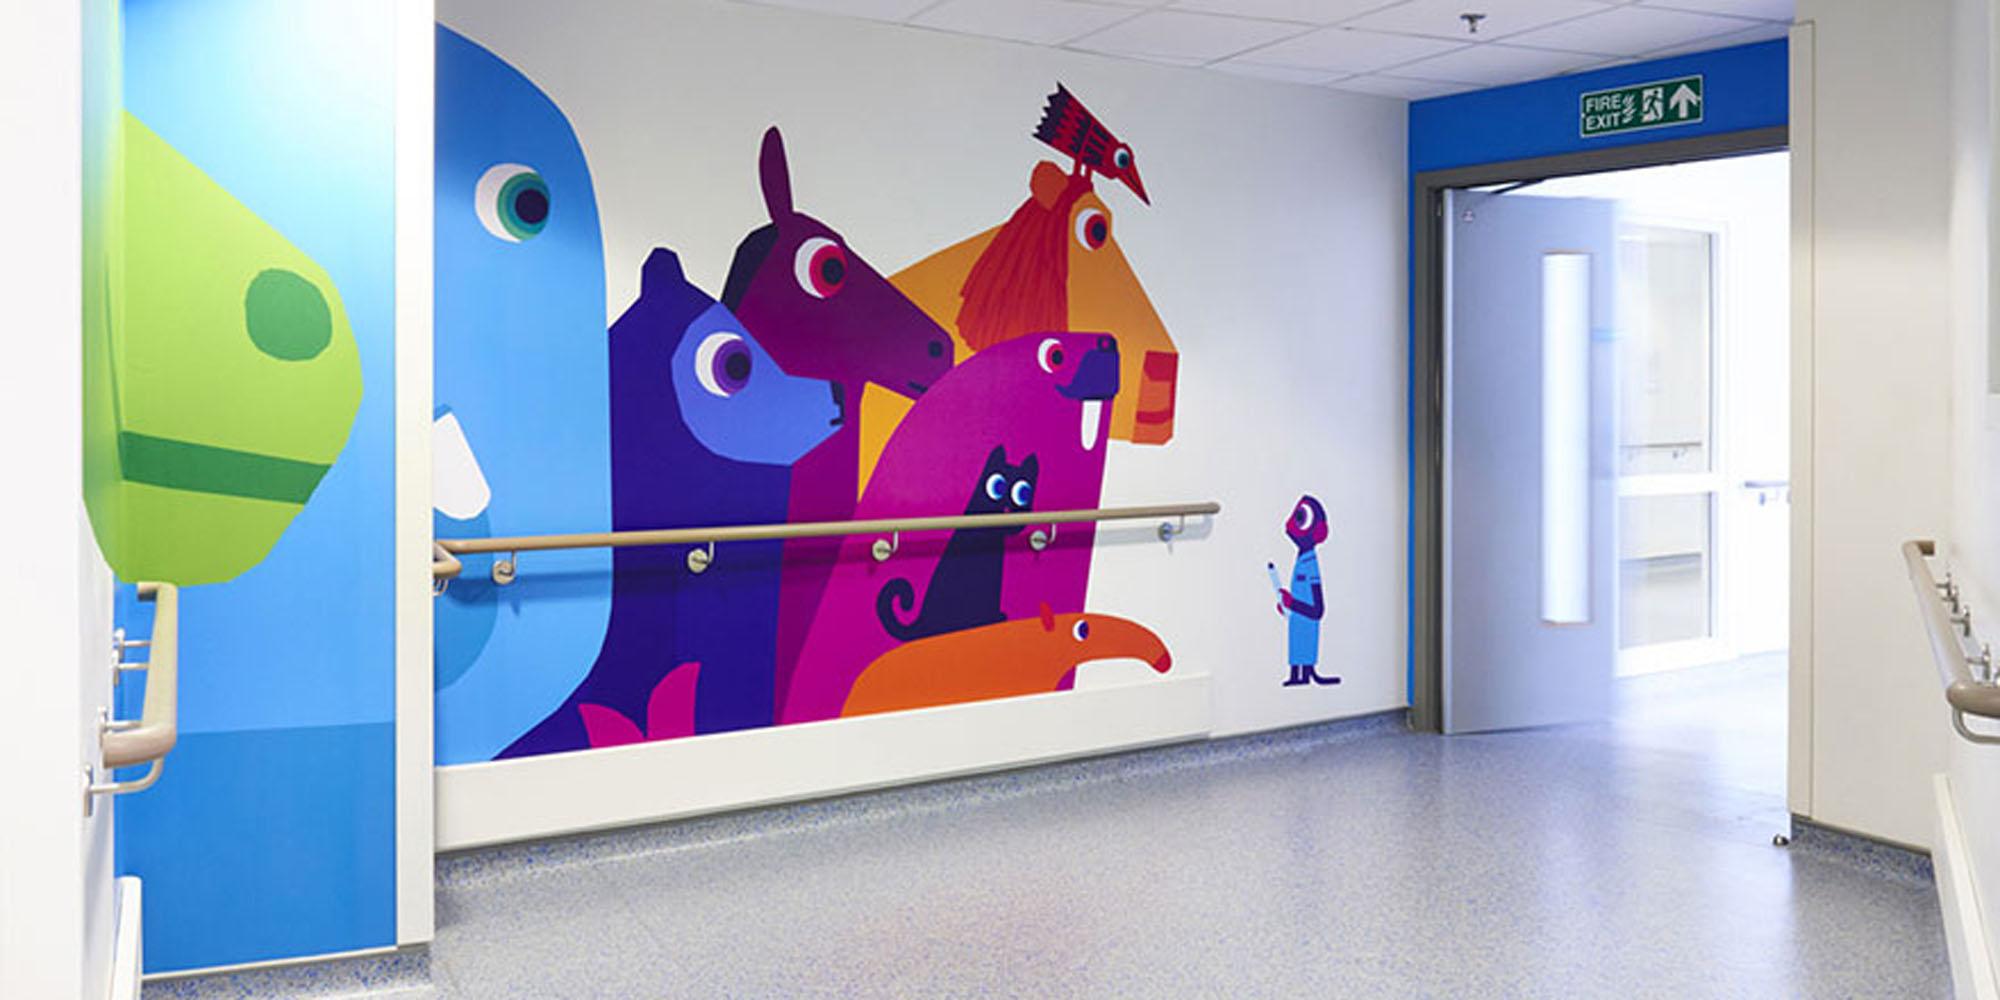 hôpital de Cardiff Décor mural impression numérique